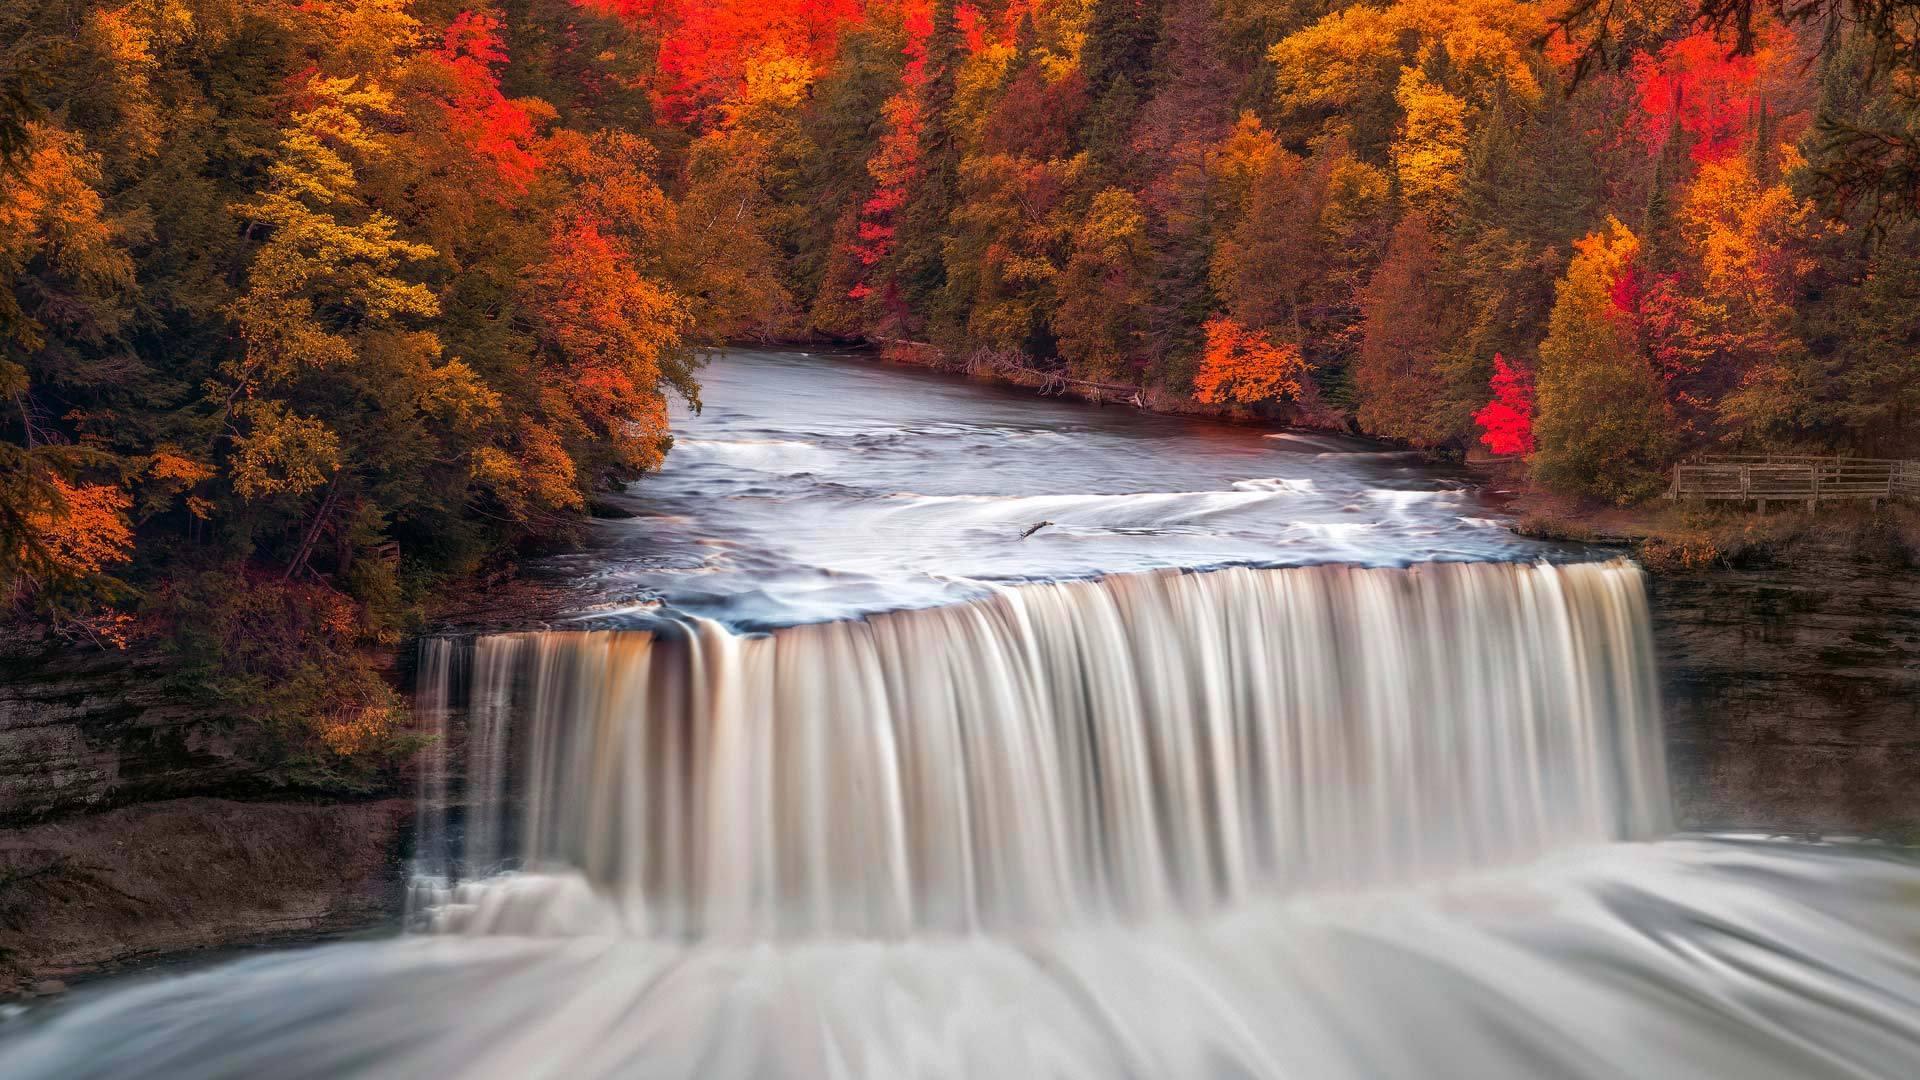 会色彩搭配的大瀑布